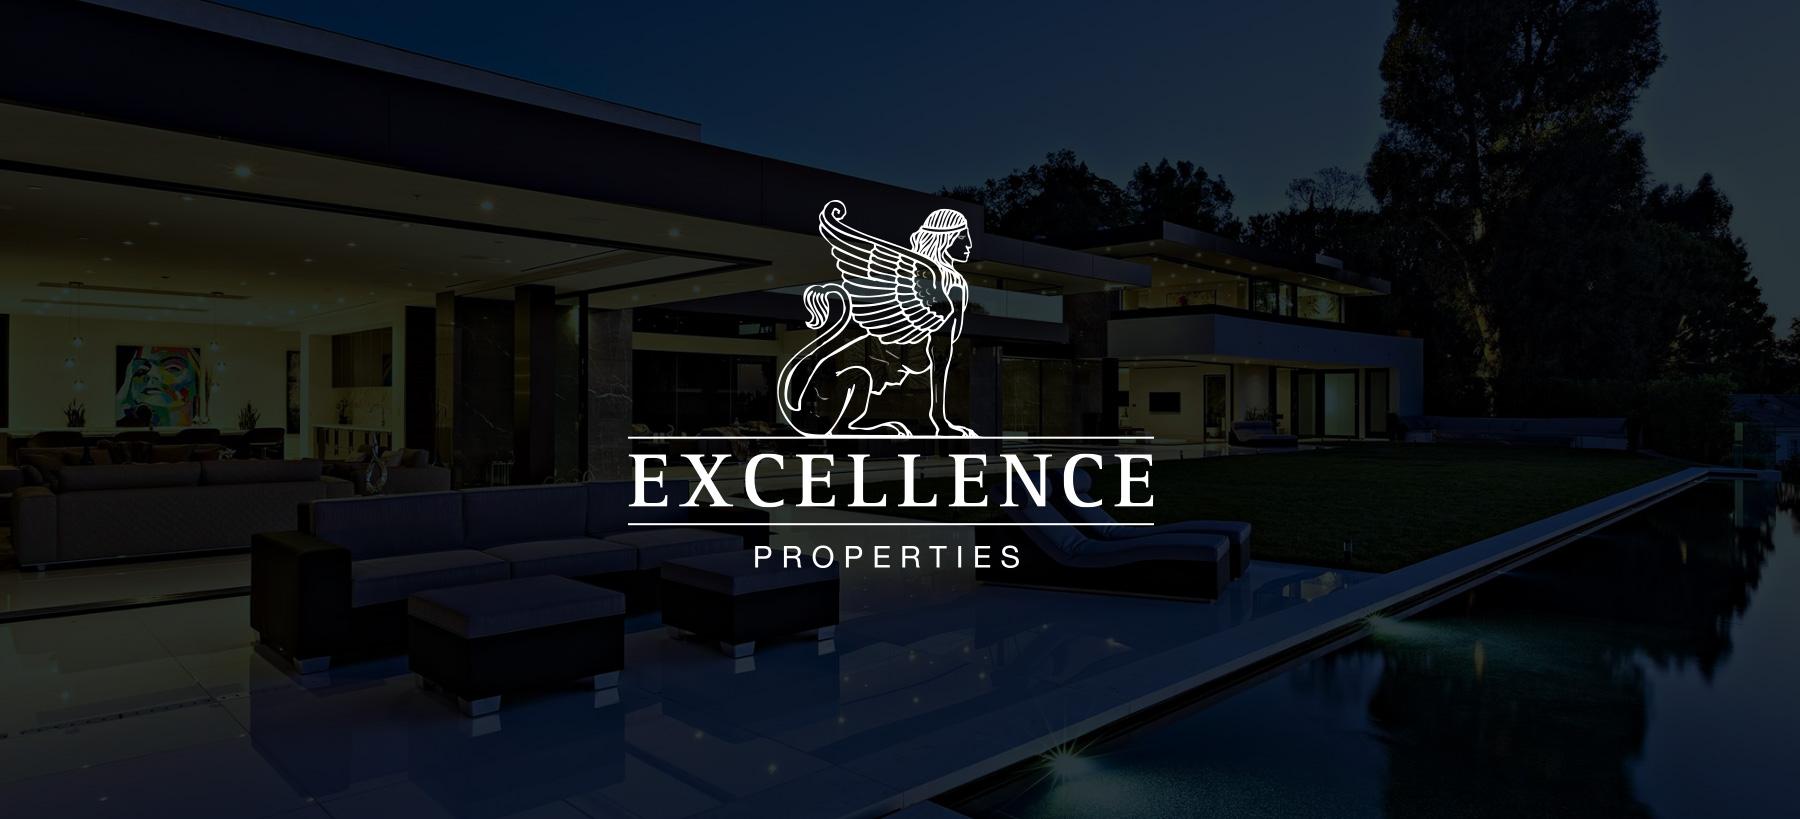 Directeur artistique freelance - Excellence properties - Identité graphique